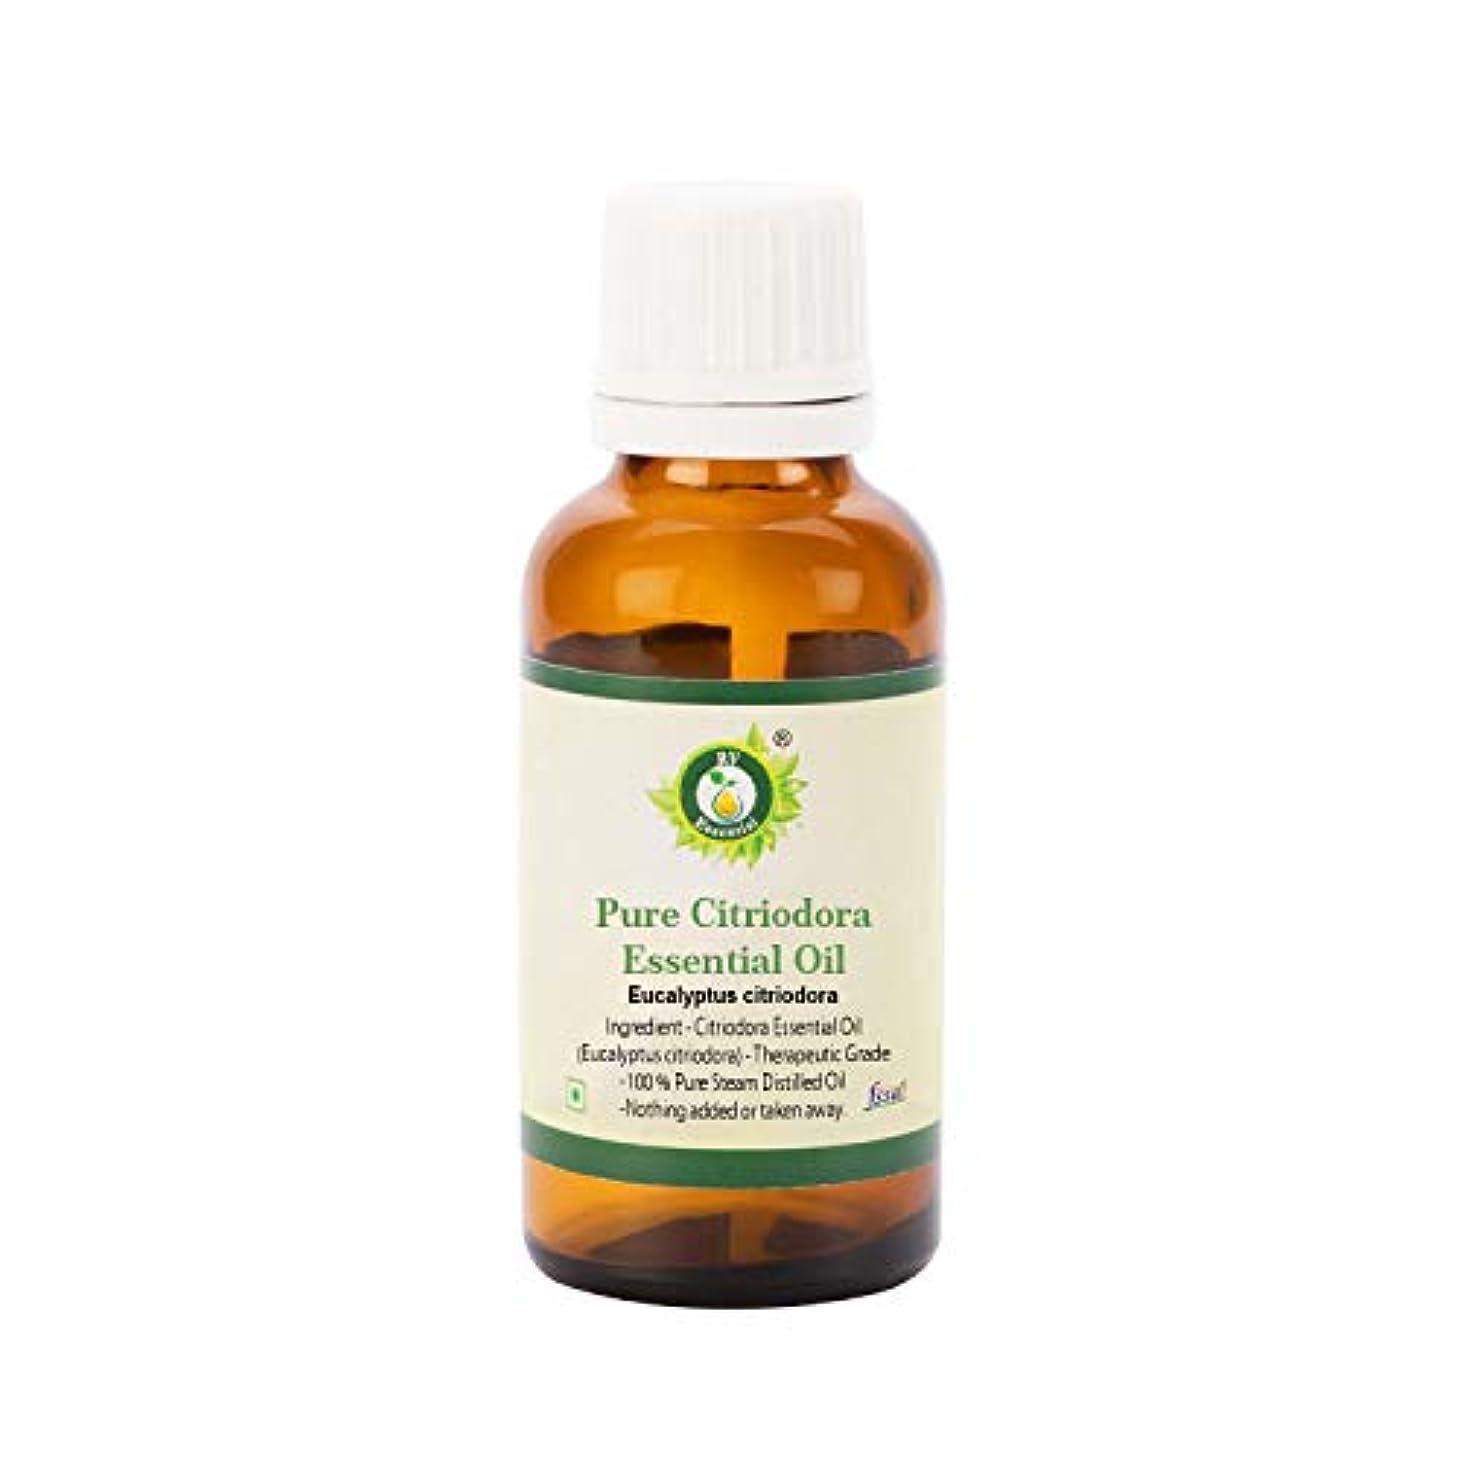 避けられないコードバタフライR V Essential ピュアCitriodoraエッセンシャルオイル30ml (1.01oz)- Eucalyptus citriodora (100%純粋&天然スチームDistilled) Pure Citriodora...